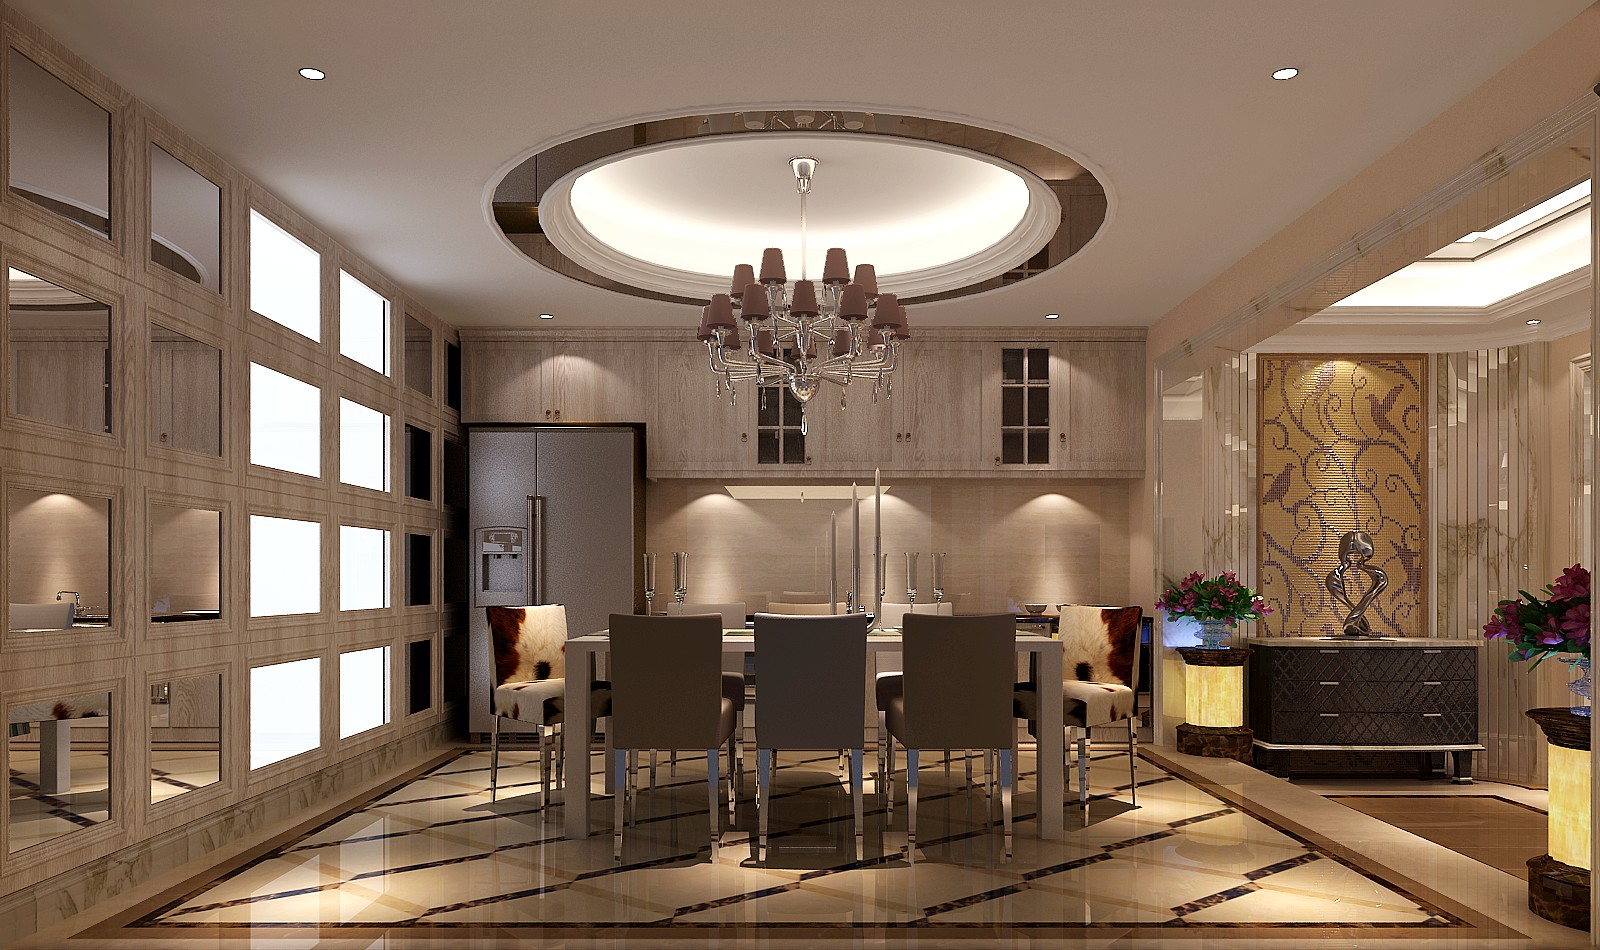 简约 欧式 别墅 小资 餐厅图片来自高度国际装饰黄帅在粗狂也自然,简约更添亲切感的分享